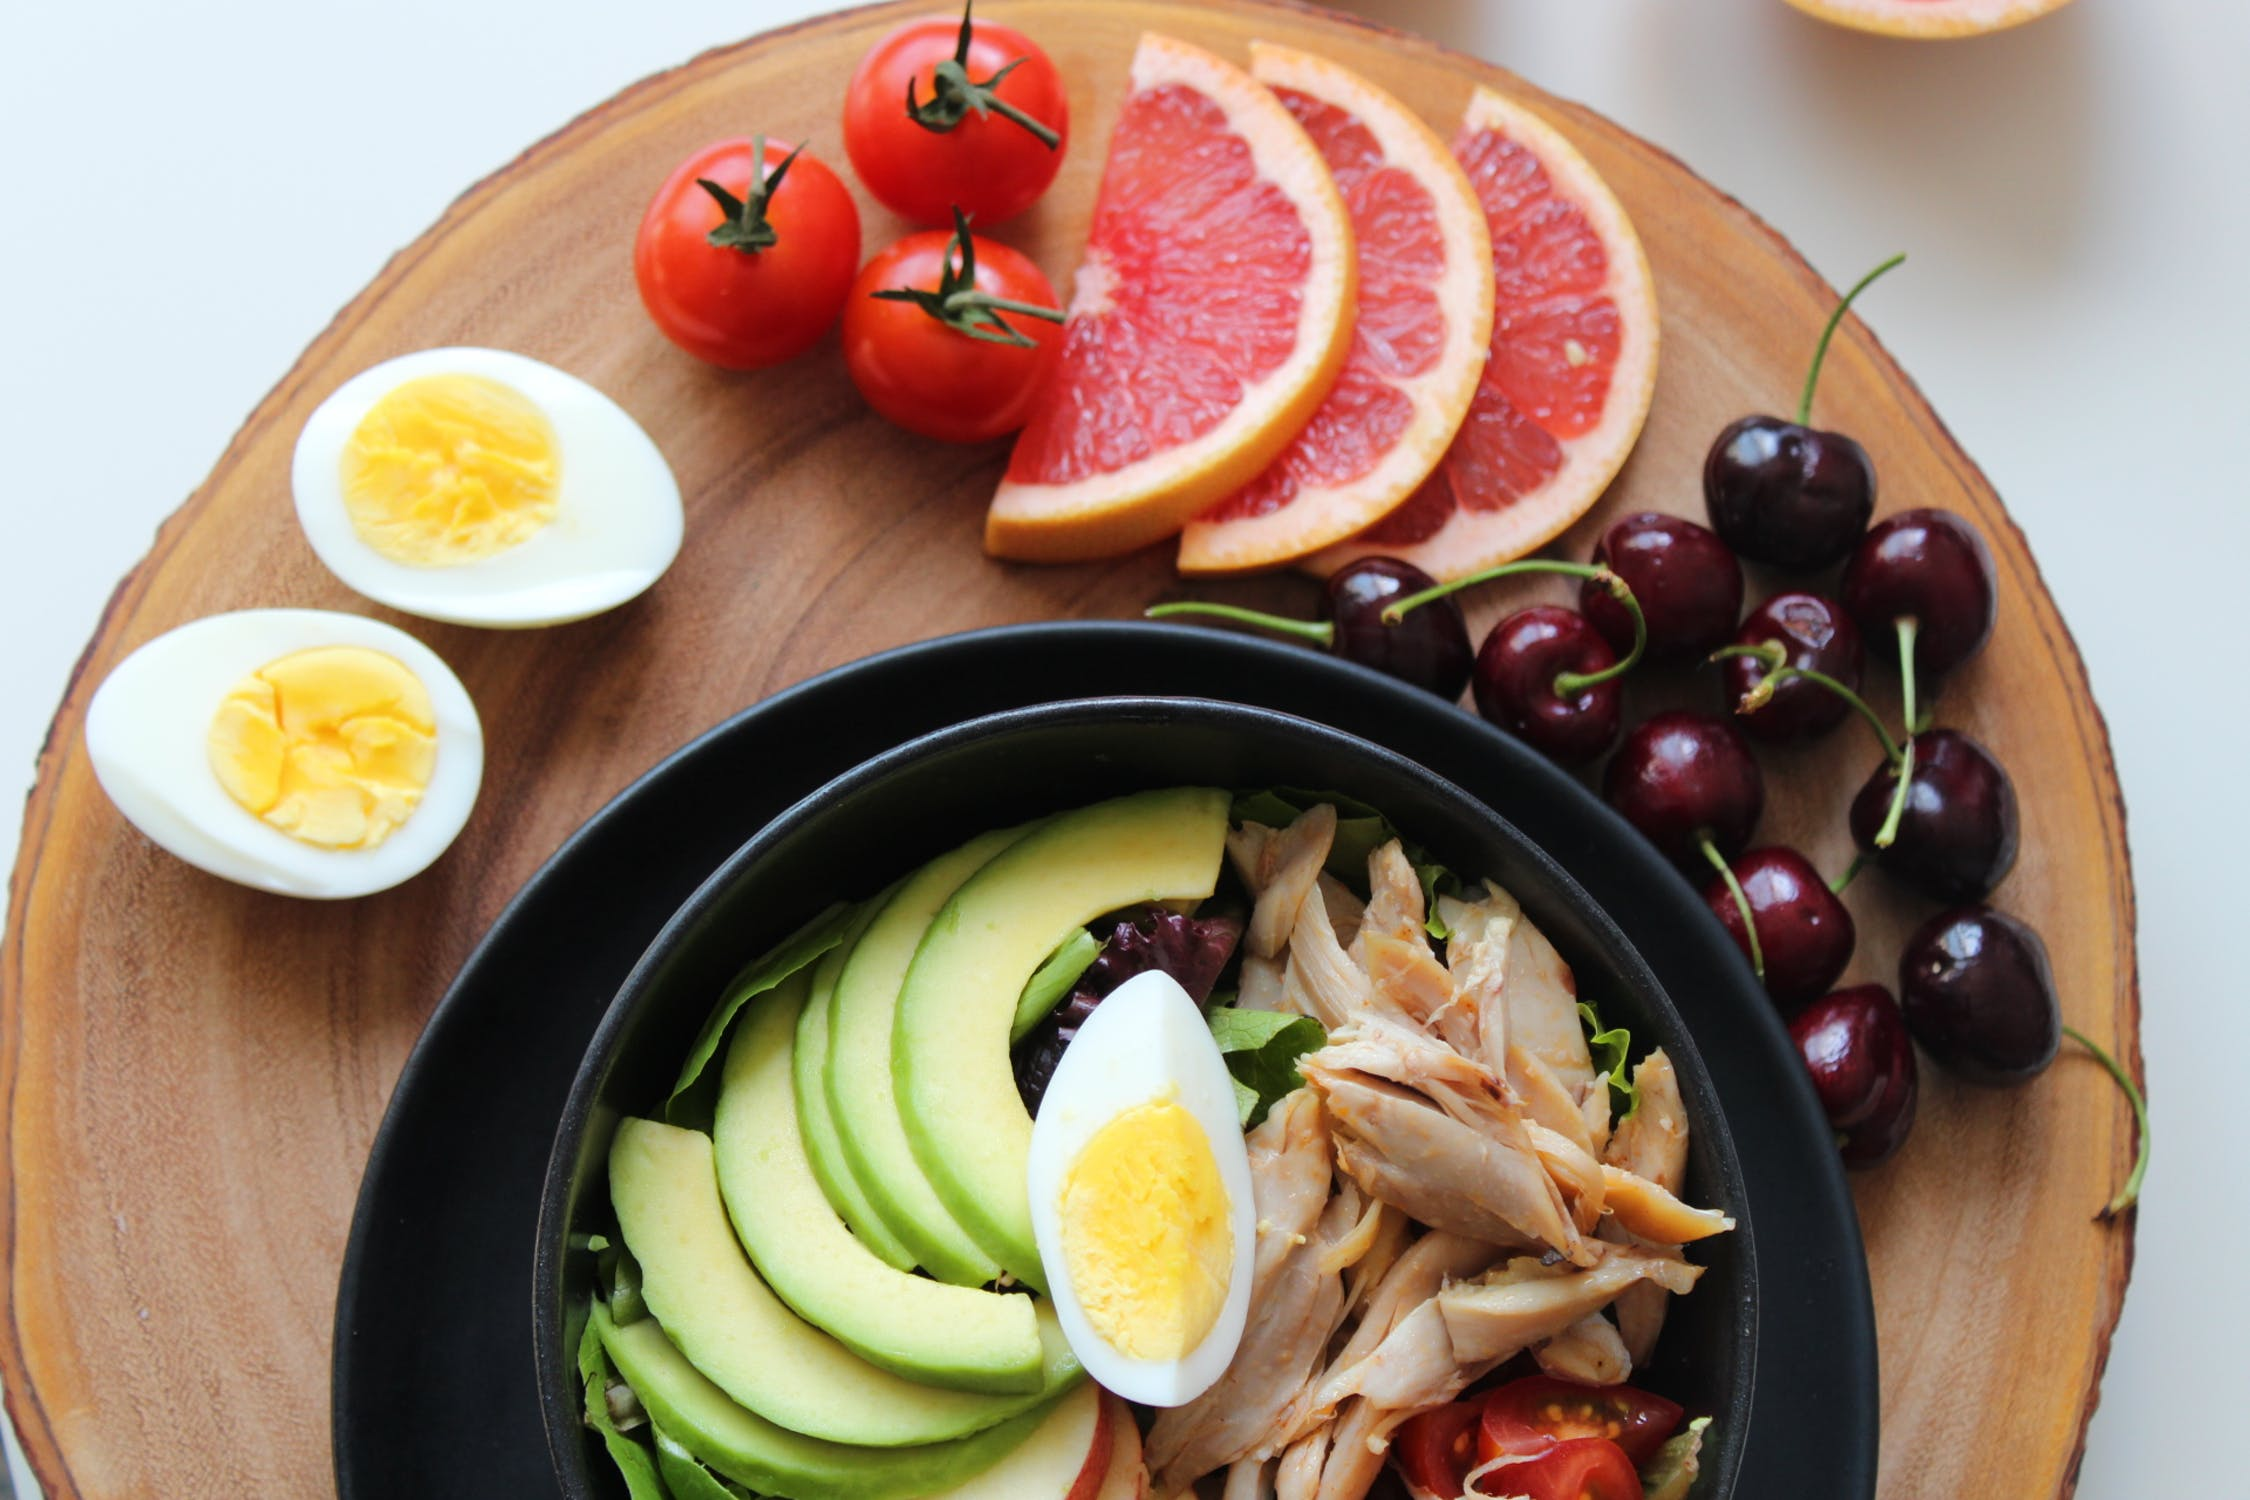 eat healthy resolution|healthy-resolution|eat-healthy-resolution